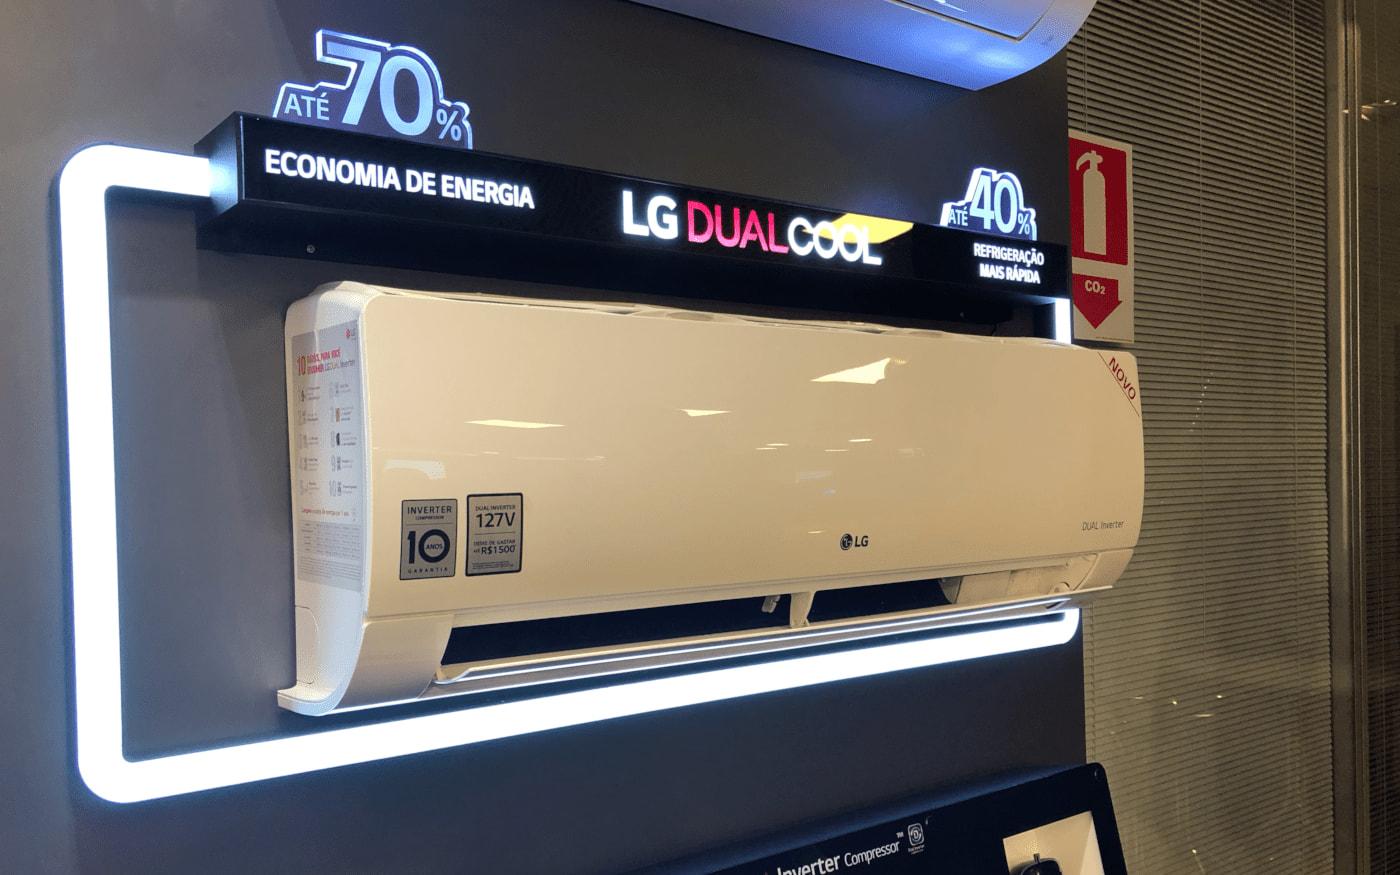 LG DUAL Inverter Split 127V: conheça o novo ar-condicionado da LG